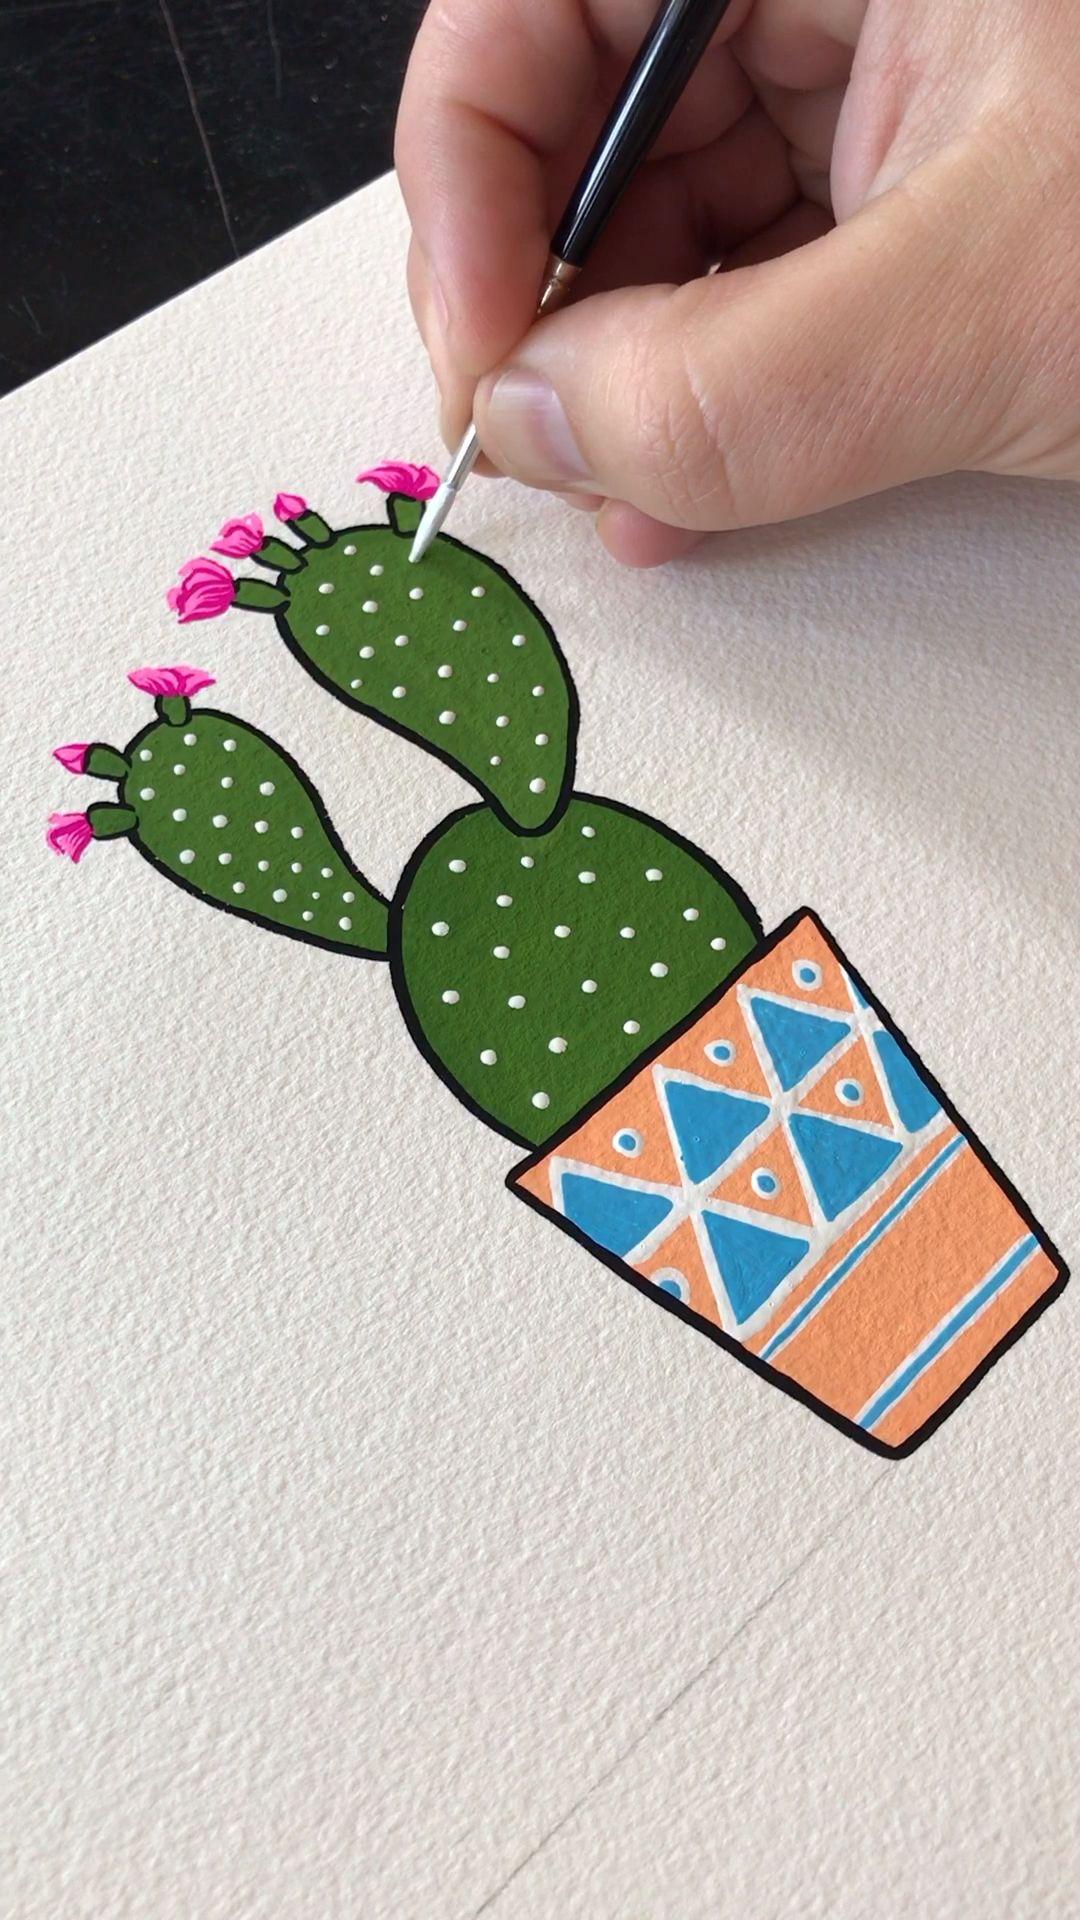 11 plants Art sketch ideas